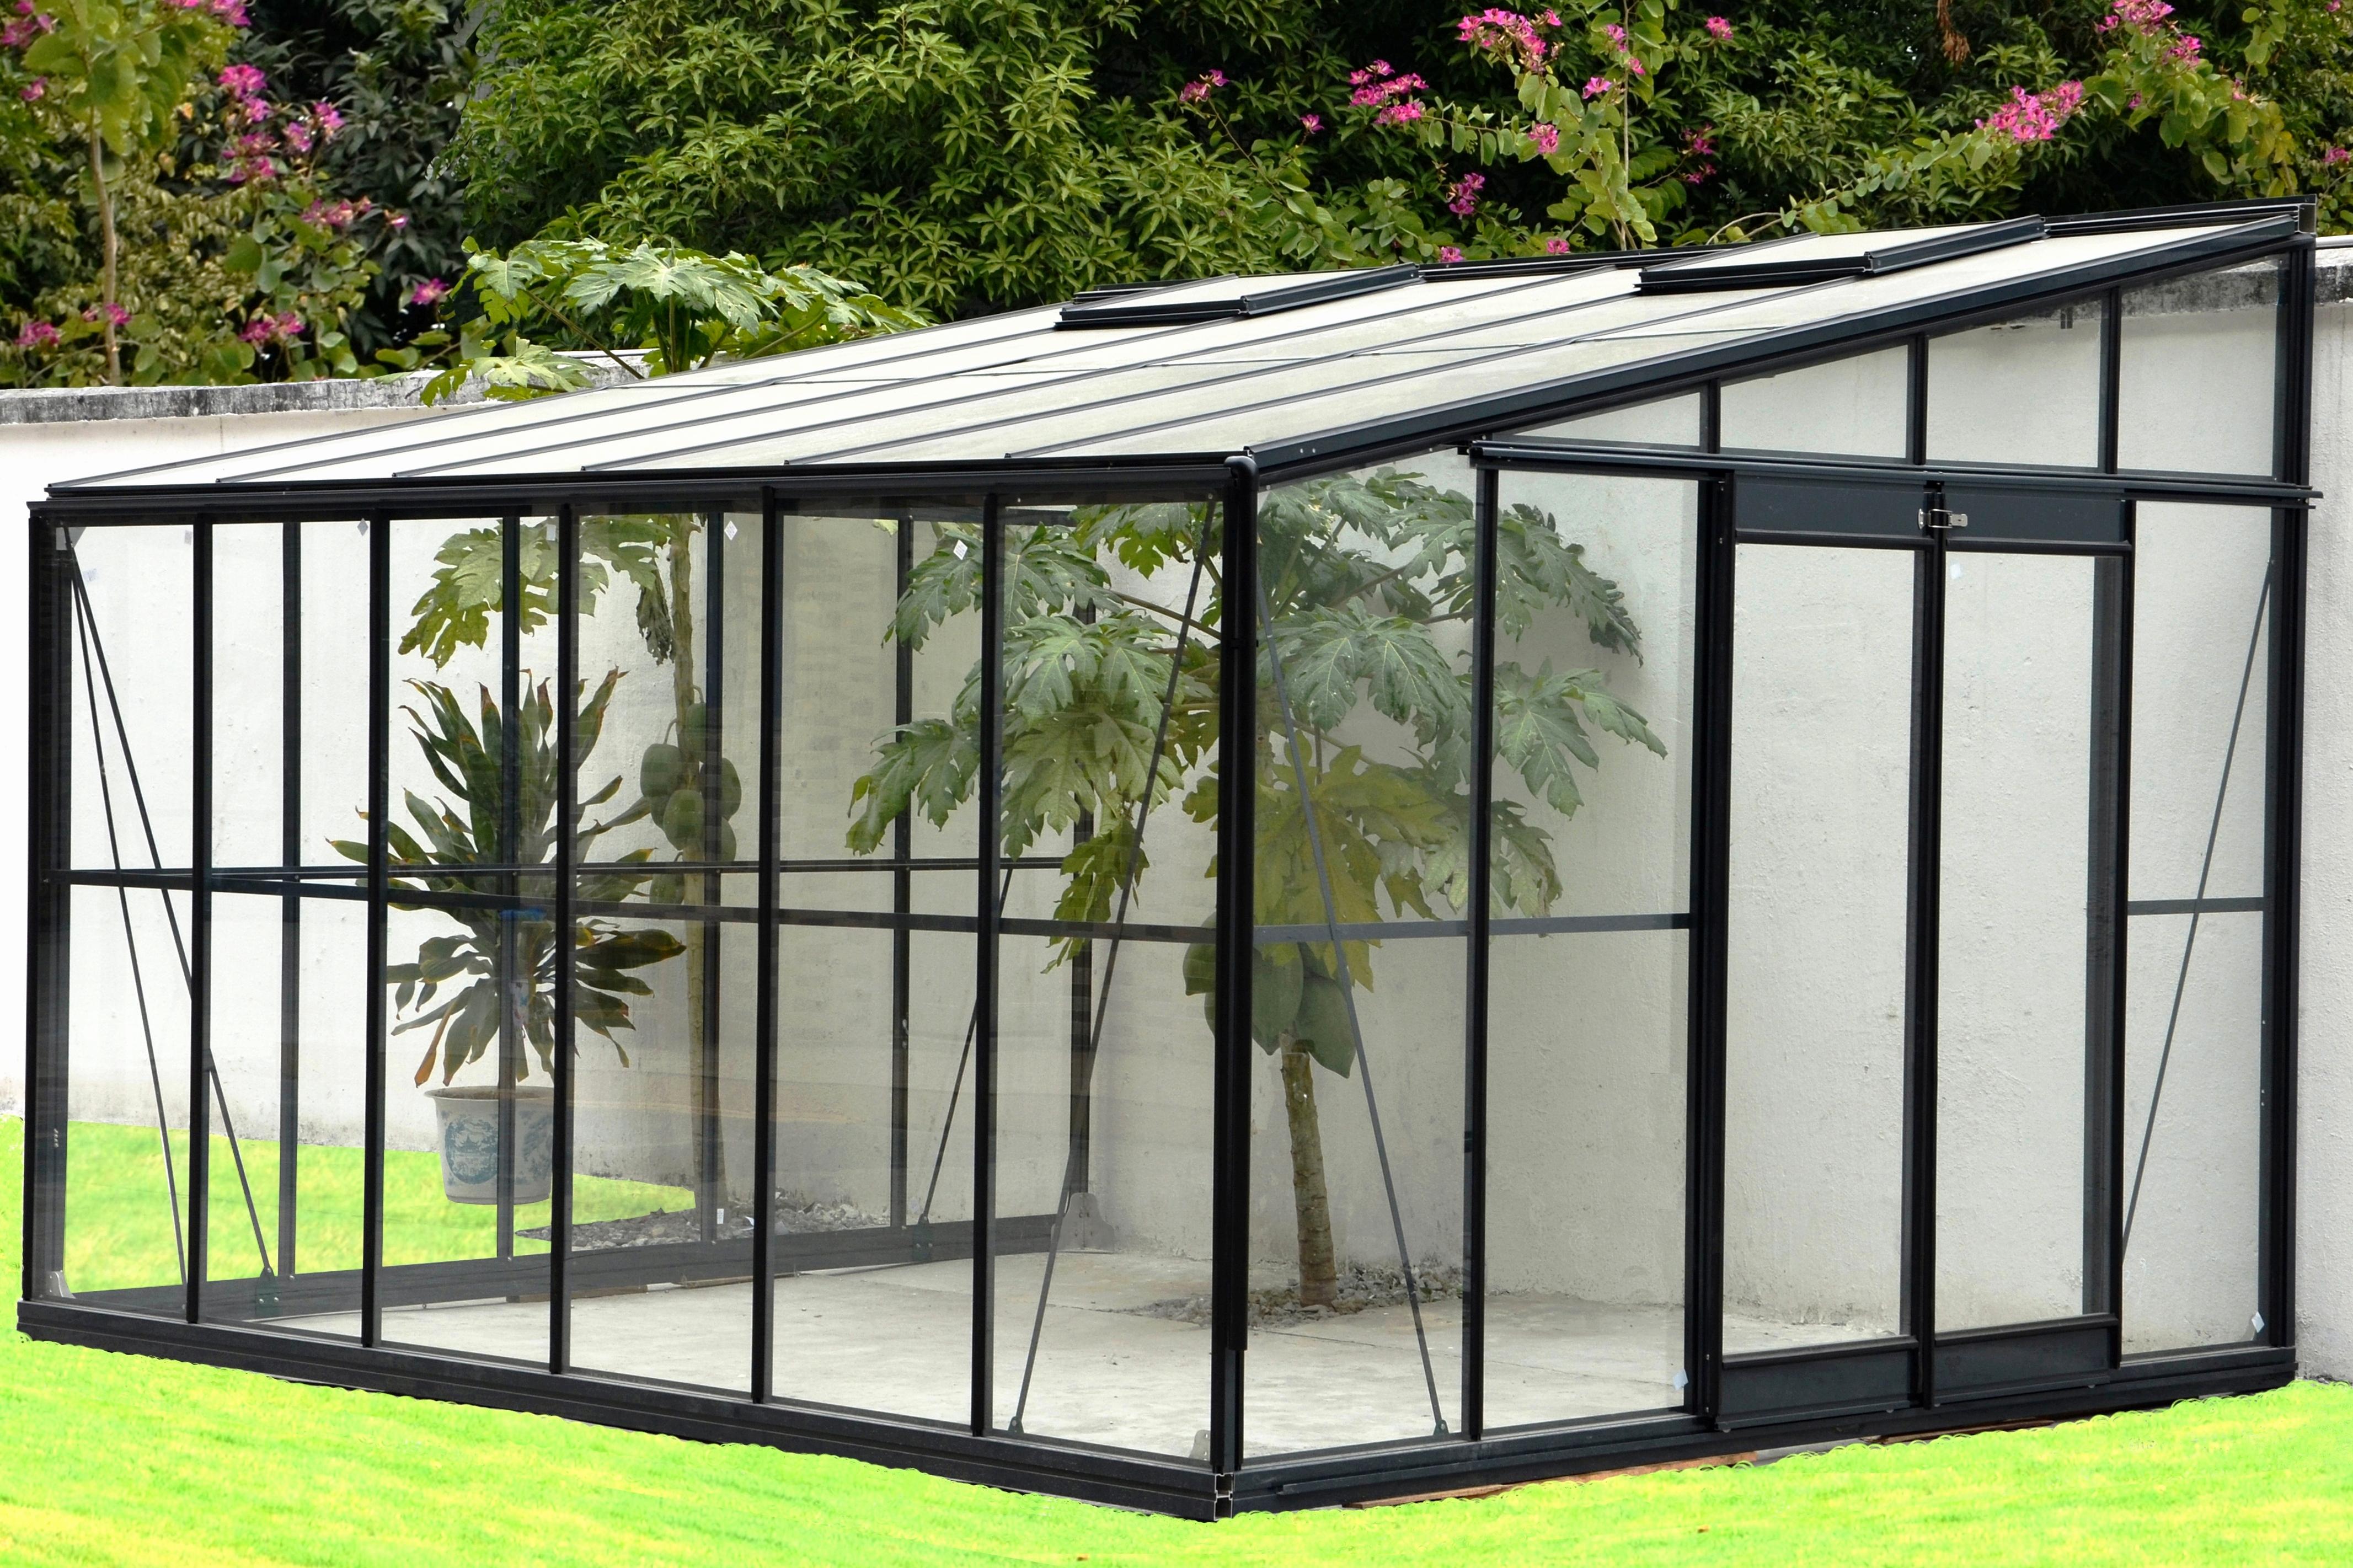 Leroy Merlin Serre De Jardin Élégant Stock Leroy Merlin Cabane De Jardin Unique Serre De Jardin Leroy Merlin